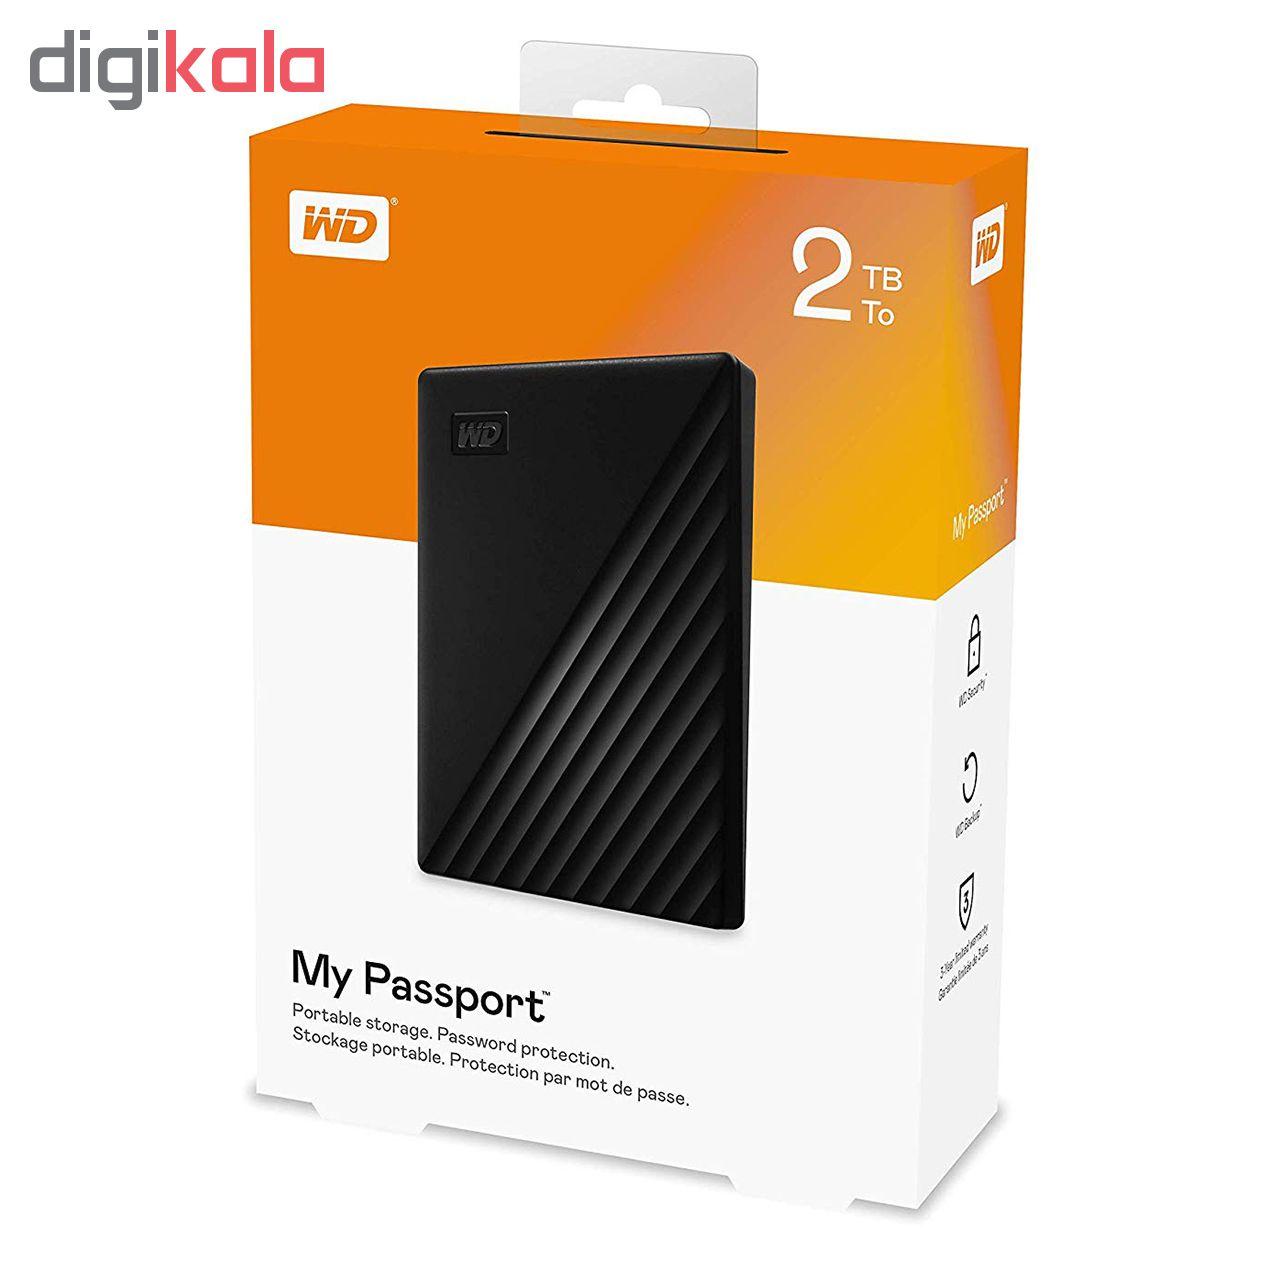 هارد اکسترنال وسترن دیجیتال مدل My Passport ظرفیت 2 ترابایت